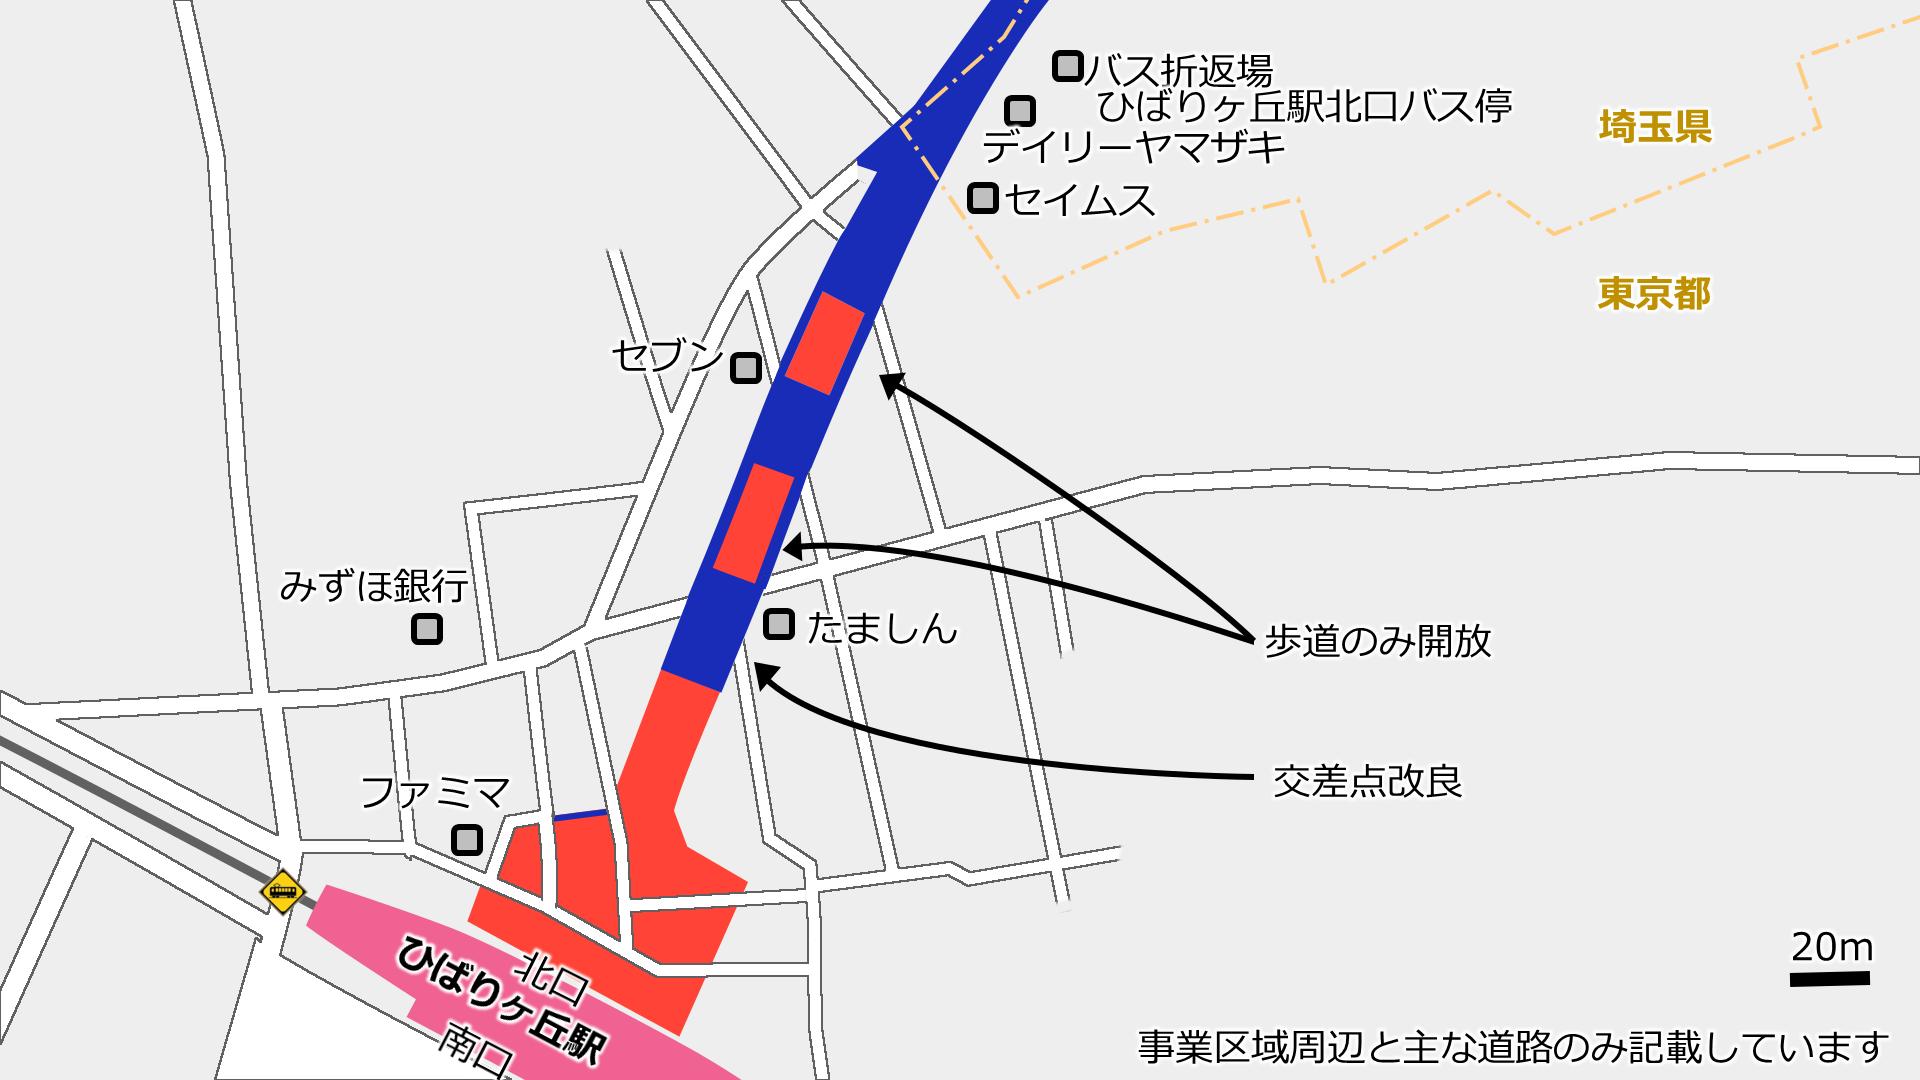 ひばりヶ丘駅北口の新しい道路 西東京3・4・21号 進捗状況2018.8_a0332275_18591373.png